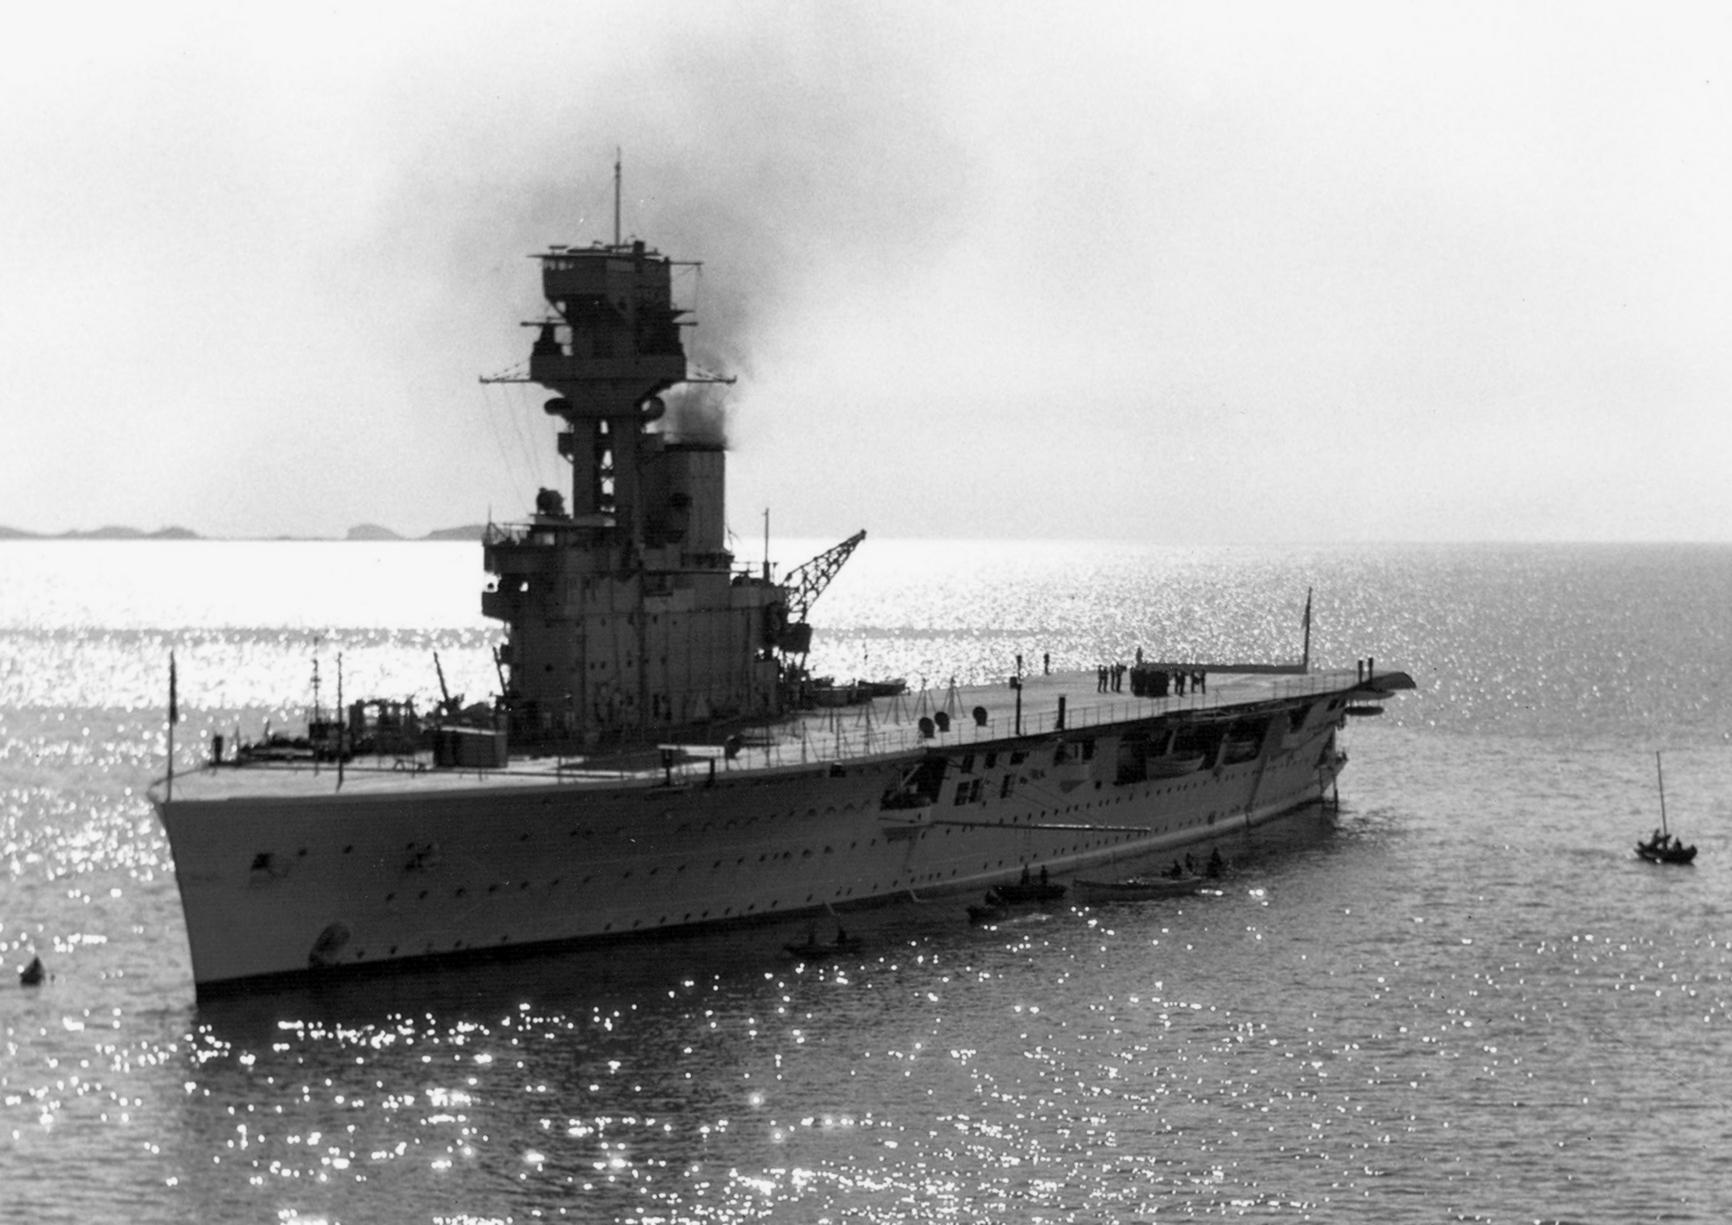 HMS_Hermes_(95)_off_Yantai_China_c1931.jpg